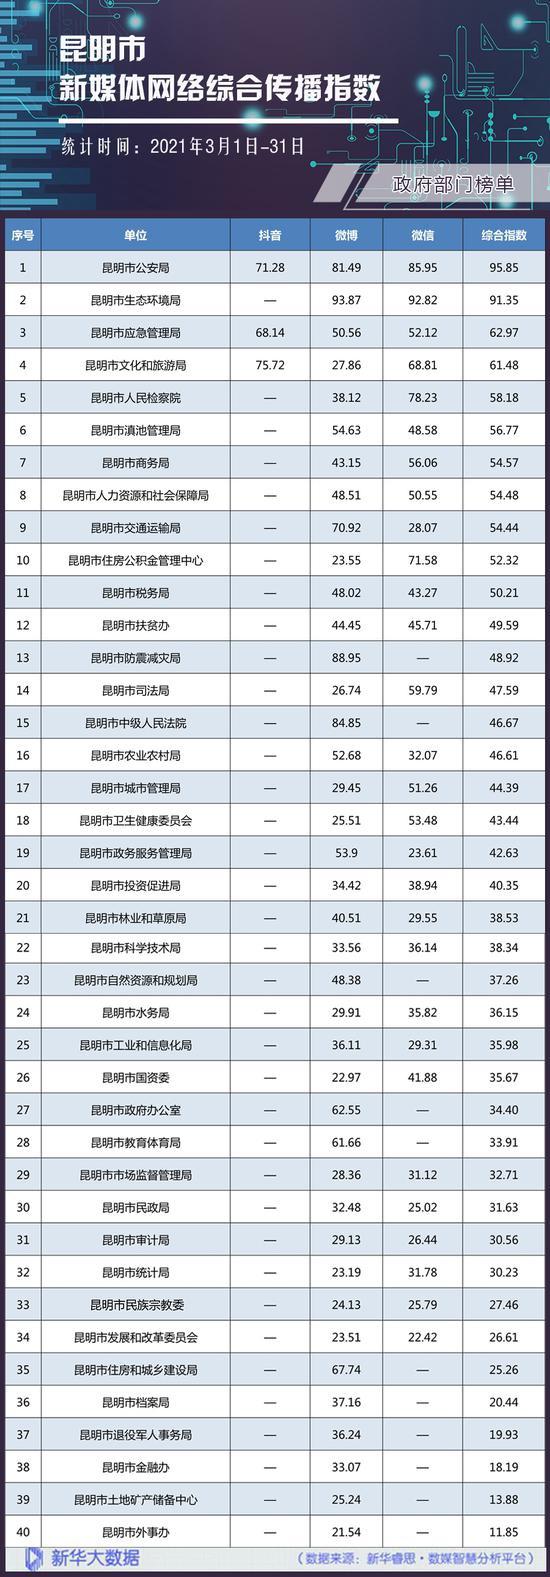 政府部门网络综合传播指数榜单。